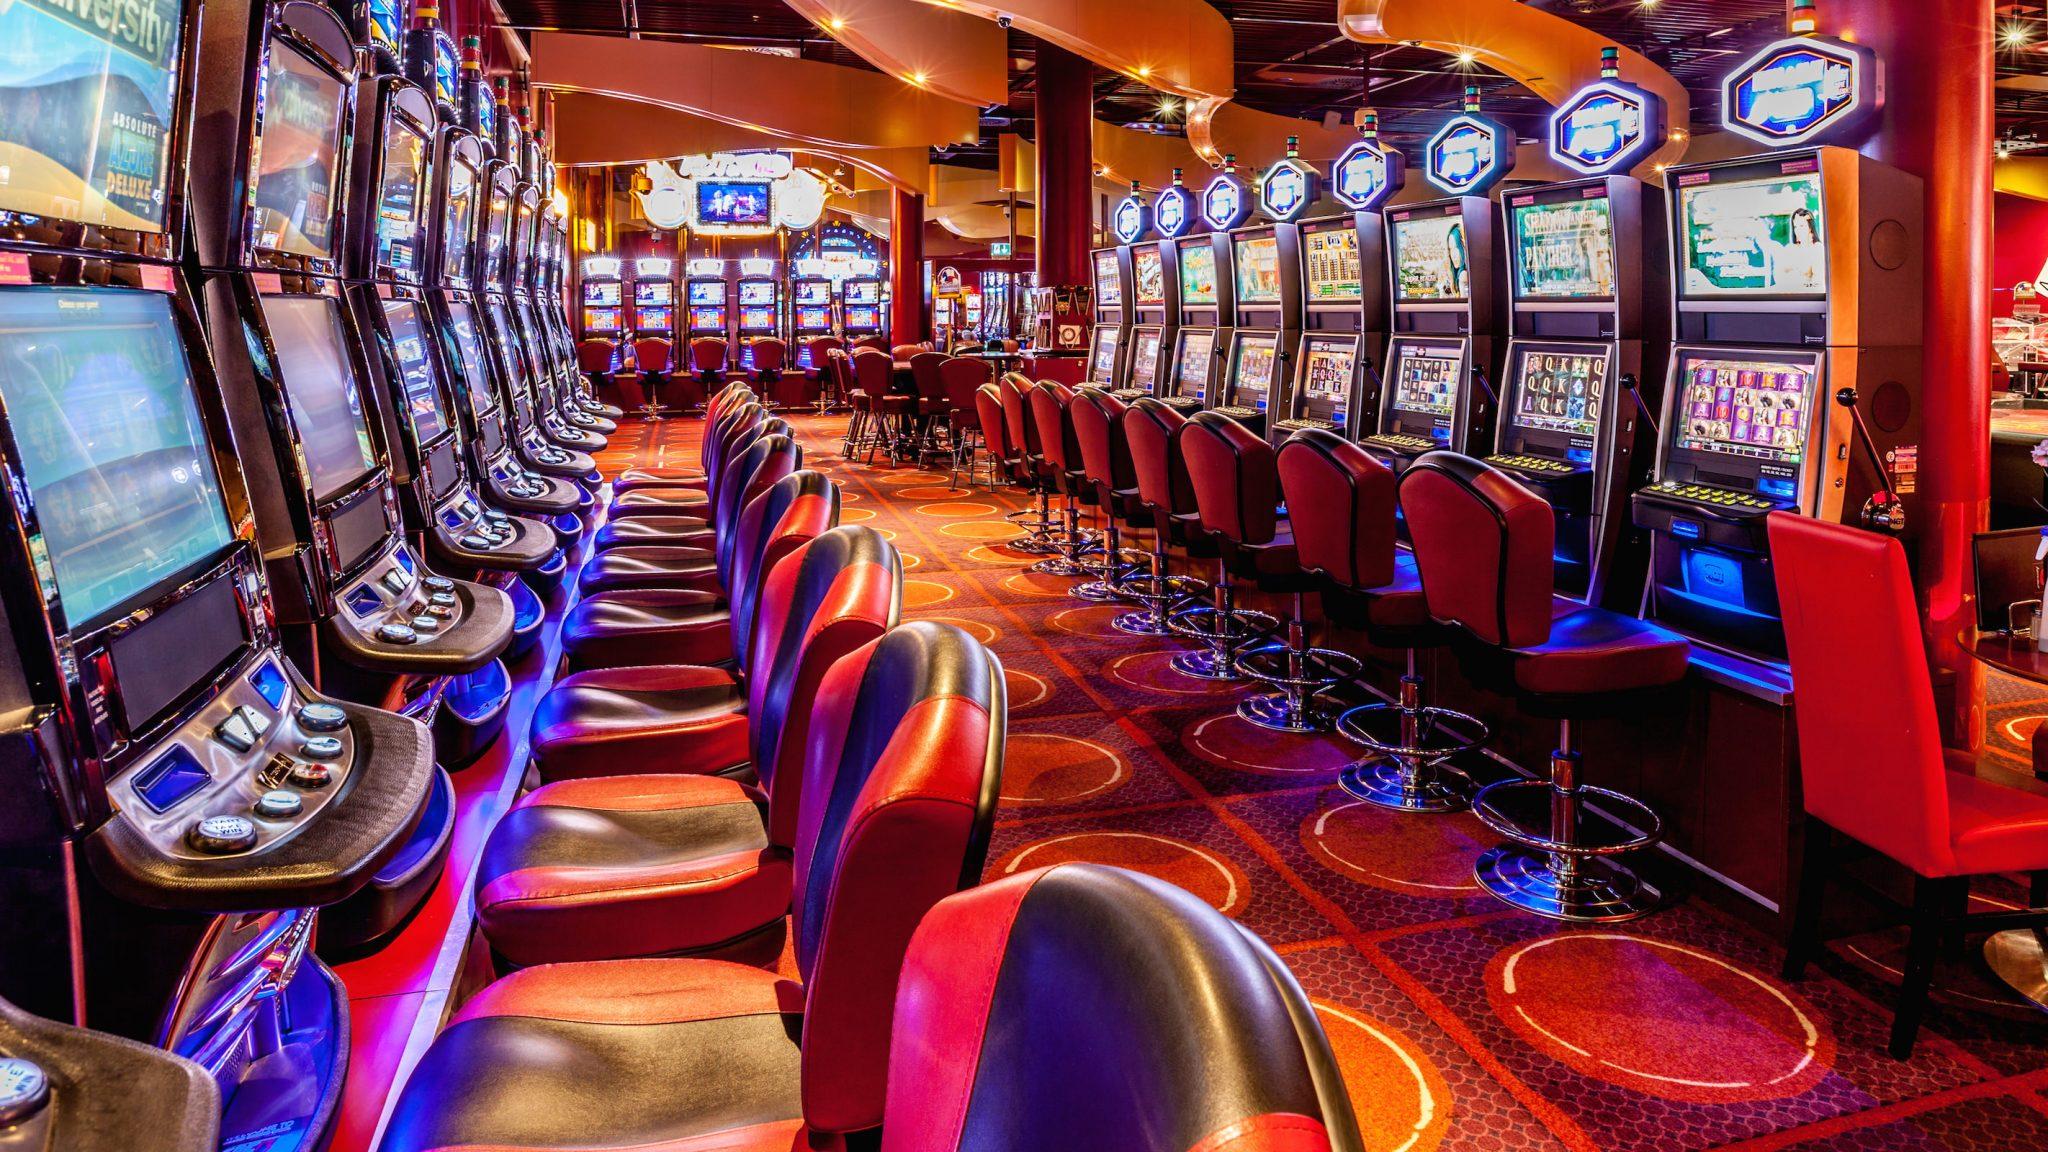 официальный сайт игровые автоматы казино х официальный